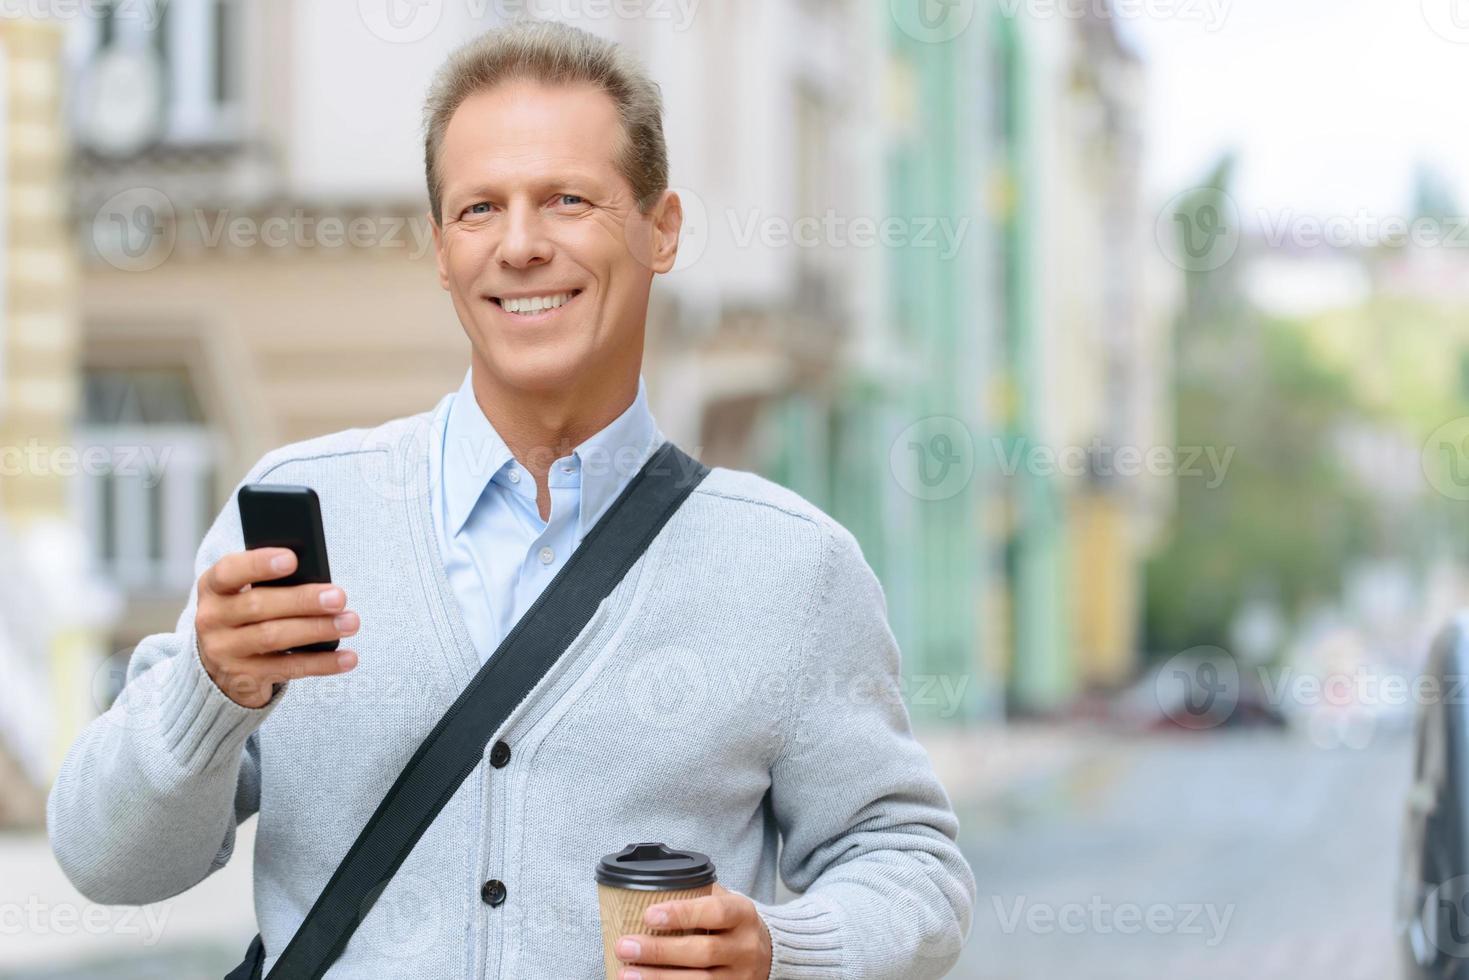 uomo piacevole in piedi in strada foto